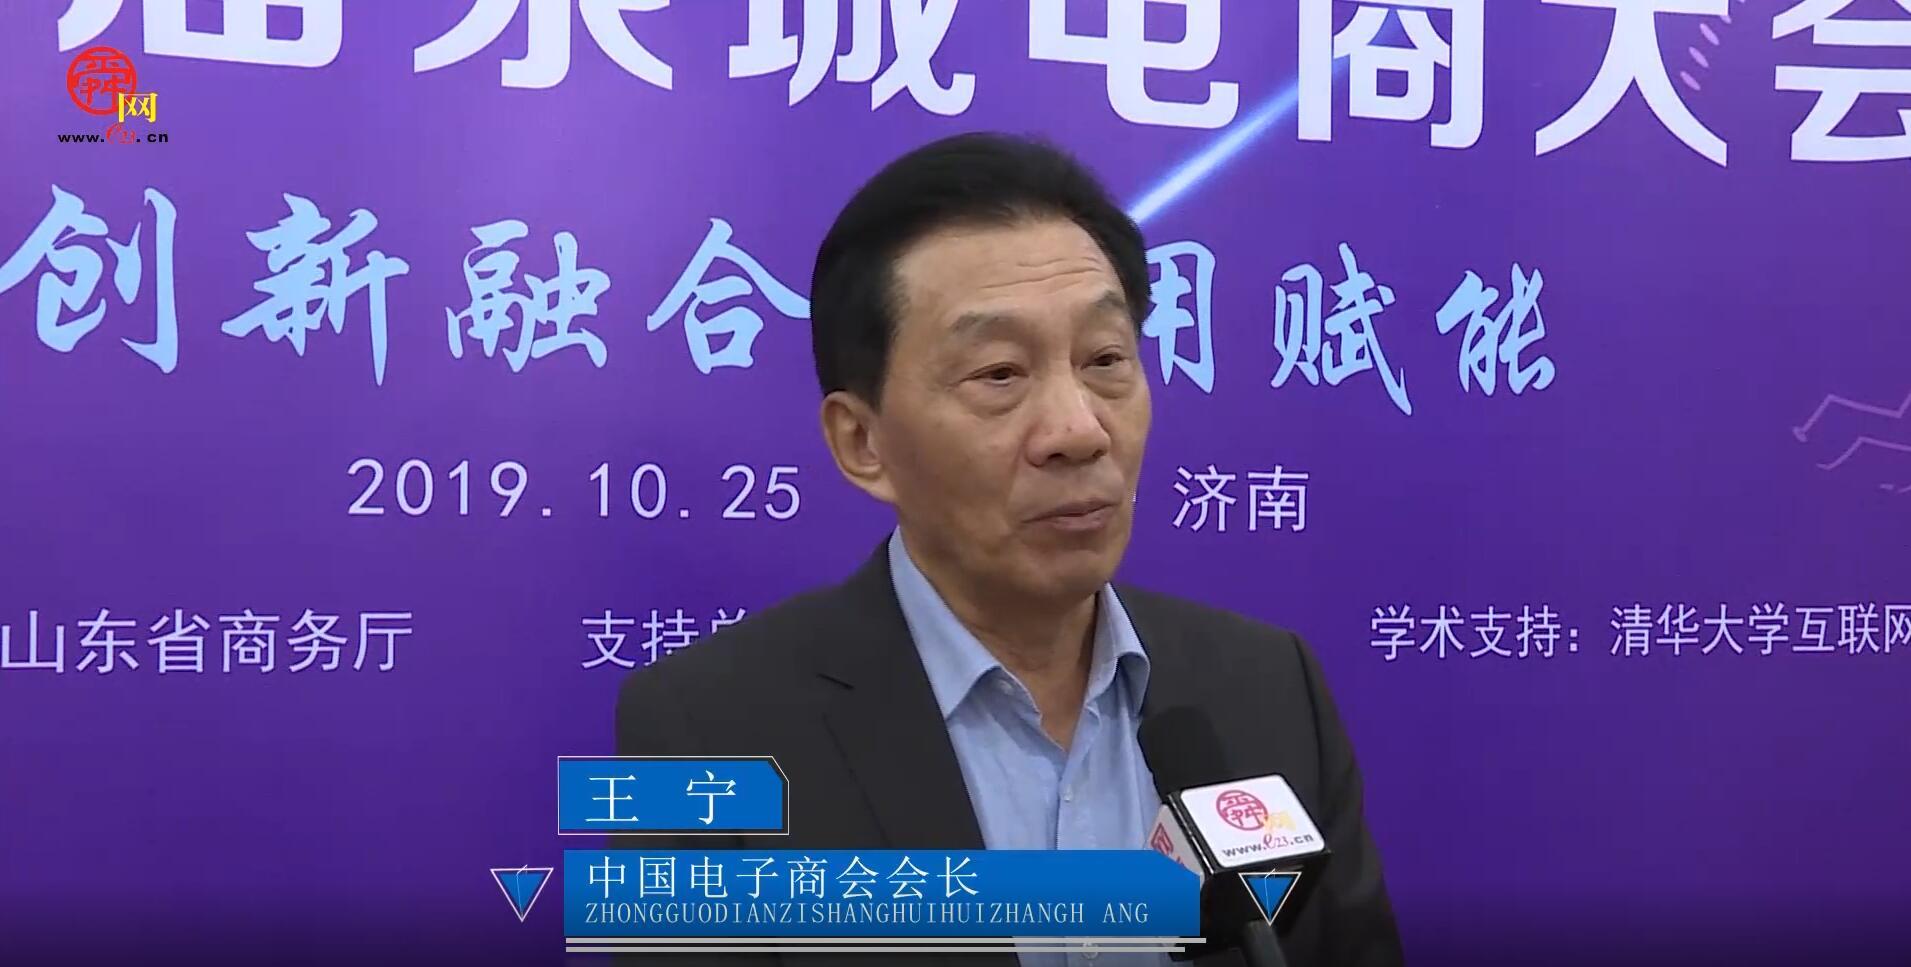 中国电子商会会长王宁:网红直播将成为下一个电商发展趋势